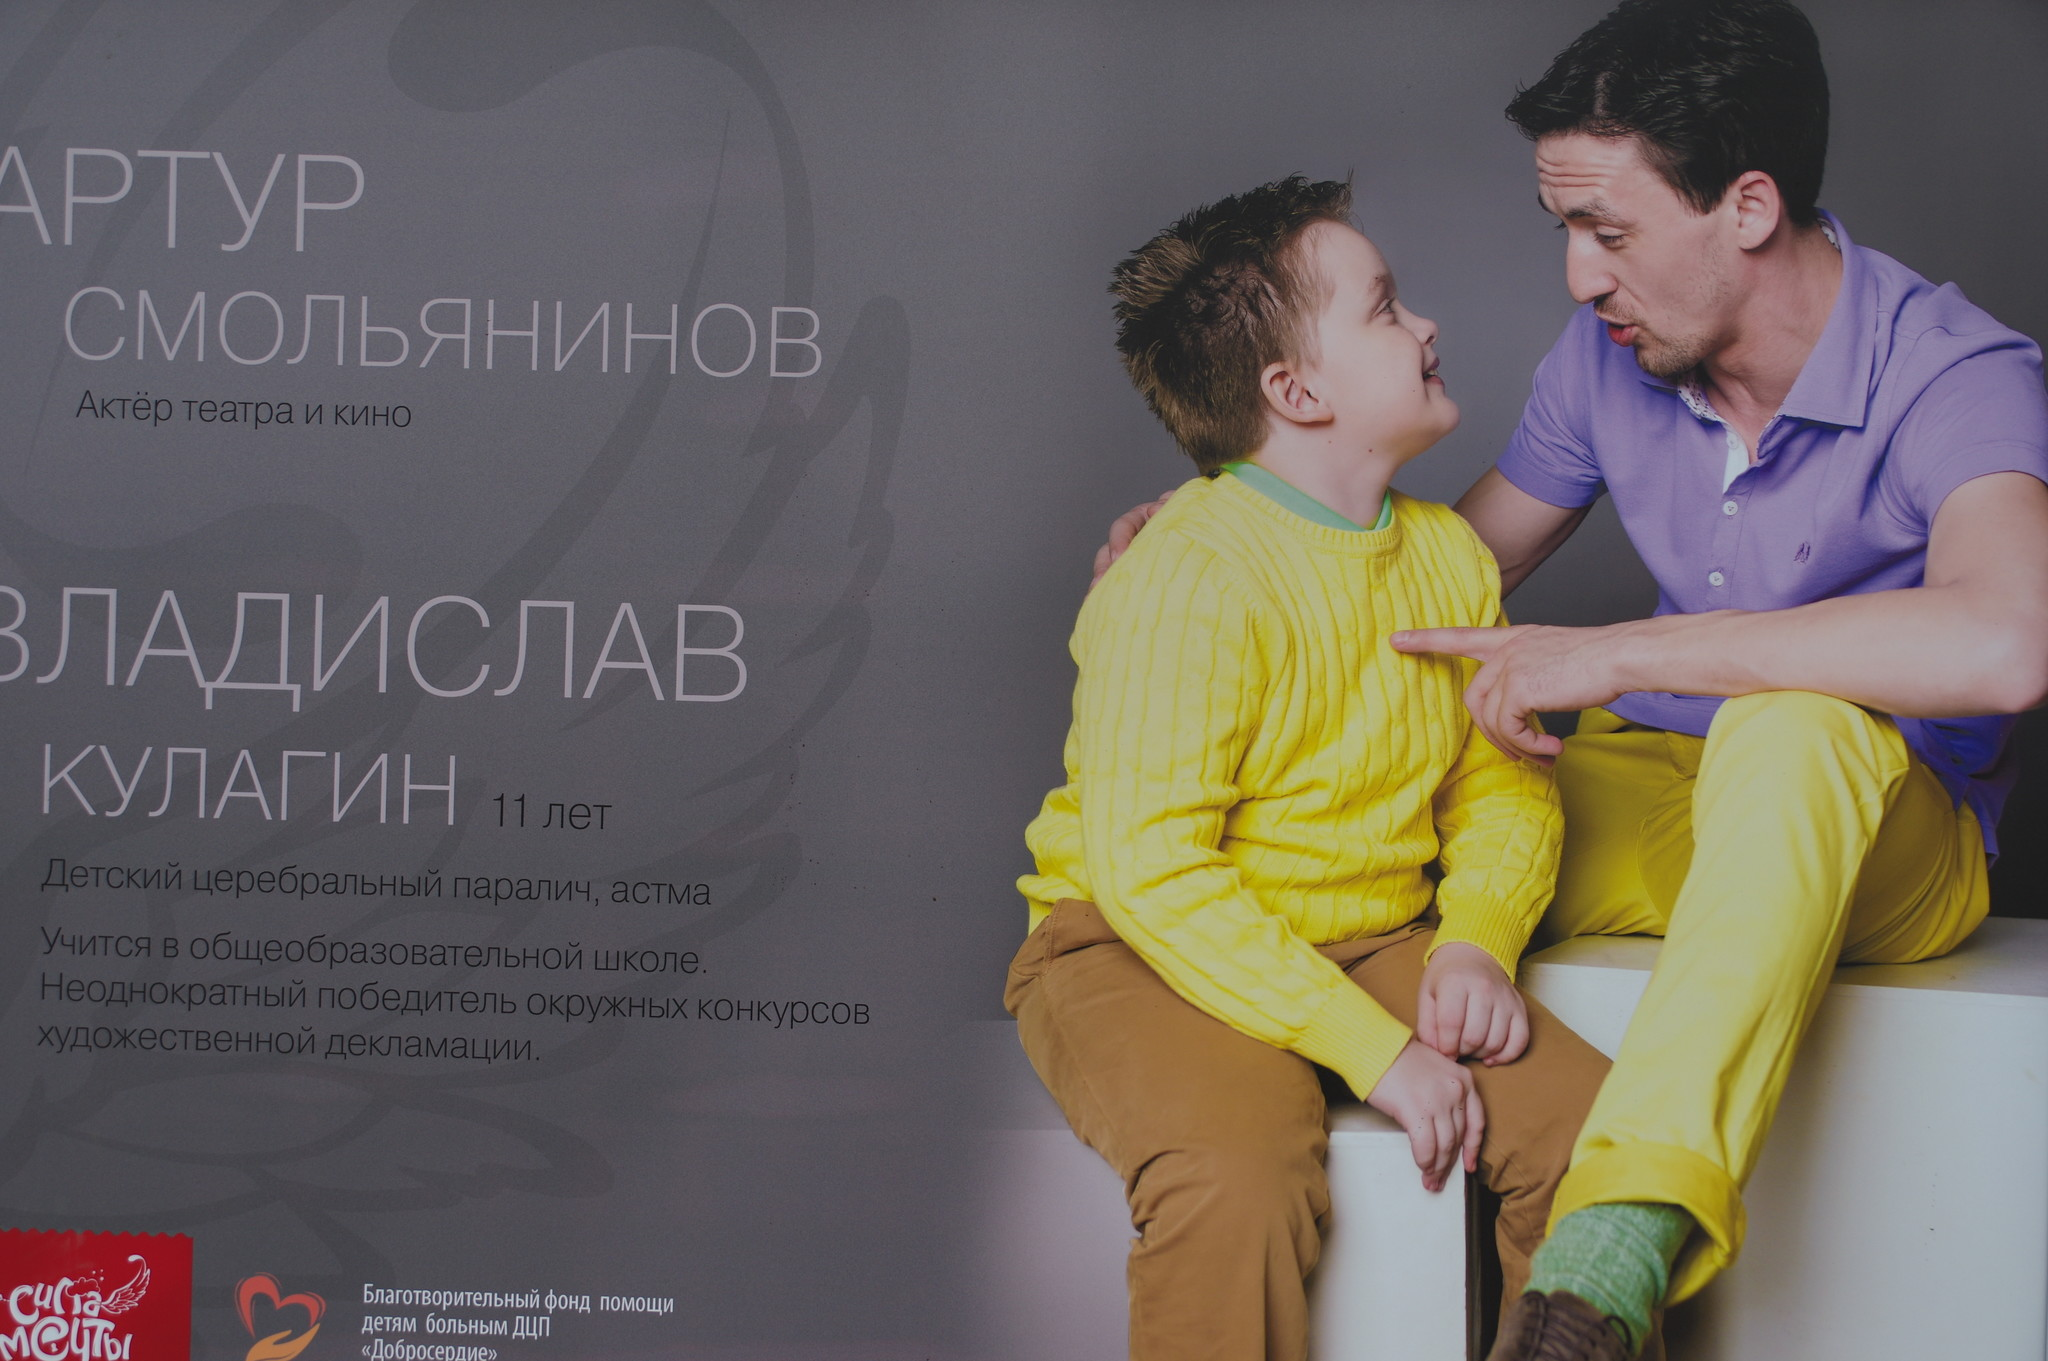 Артур Смольянинов в фотопроекте «Сила мечты» на Тверском бульваре